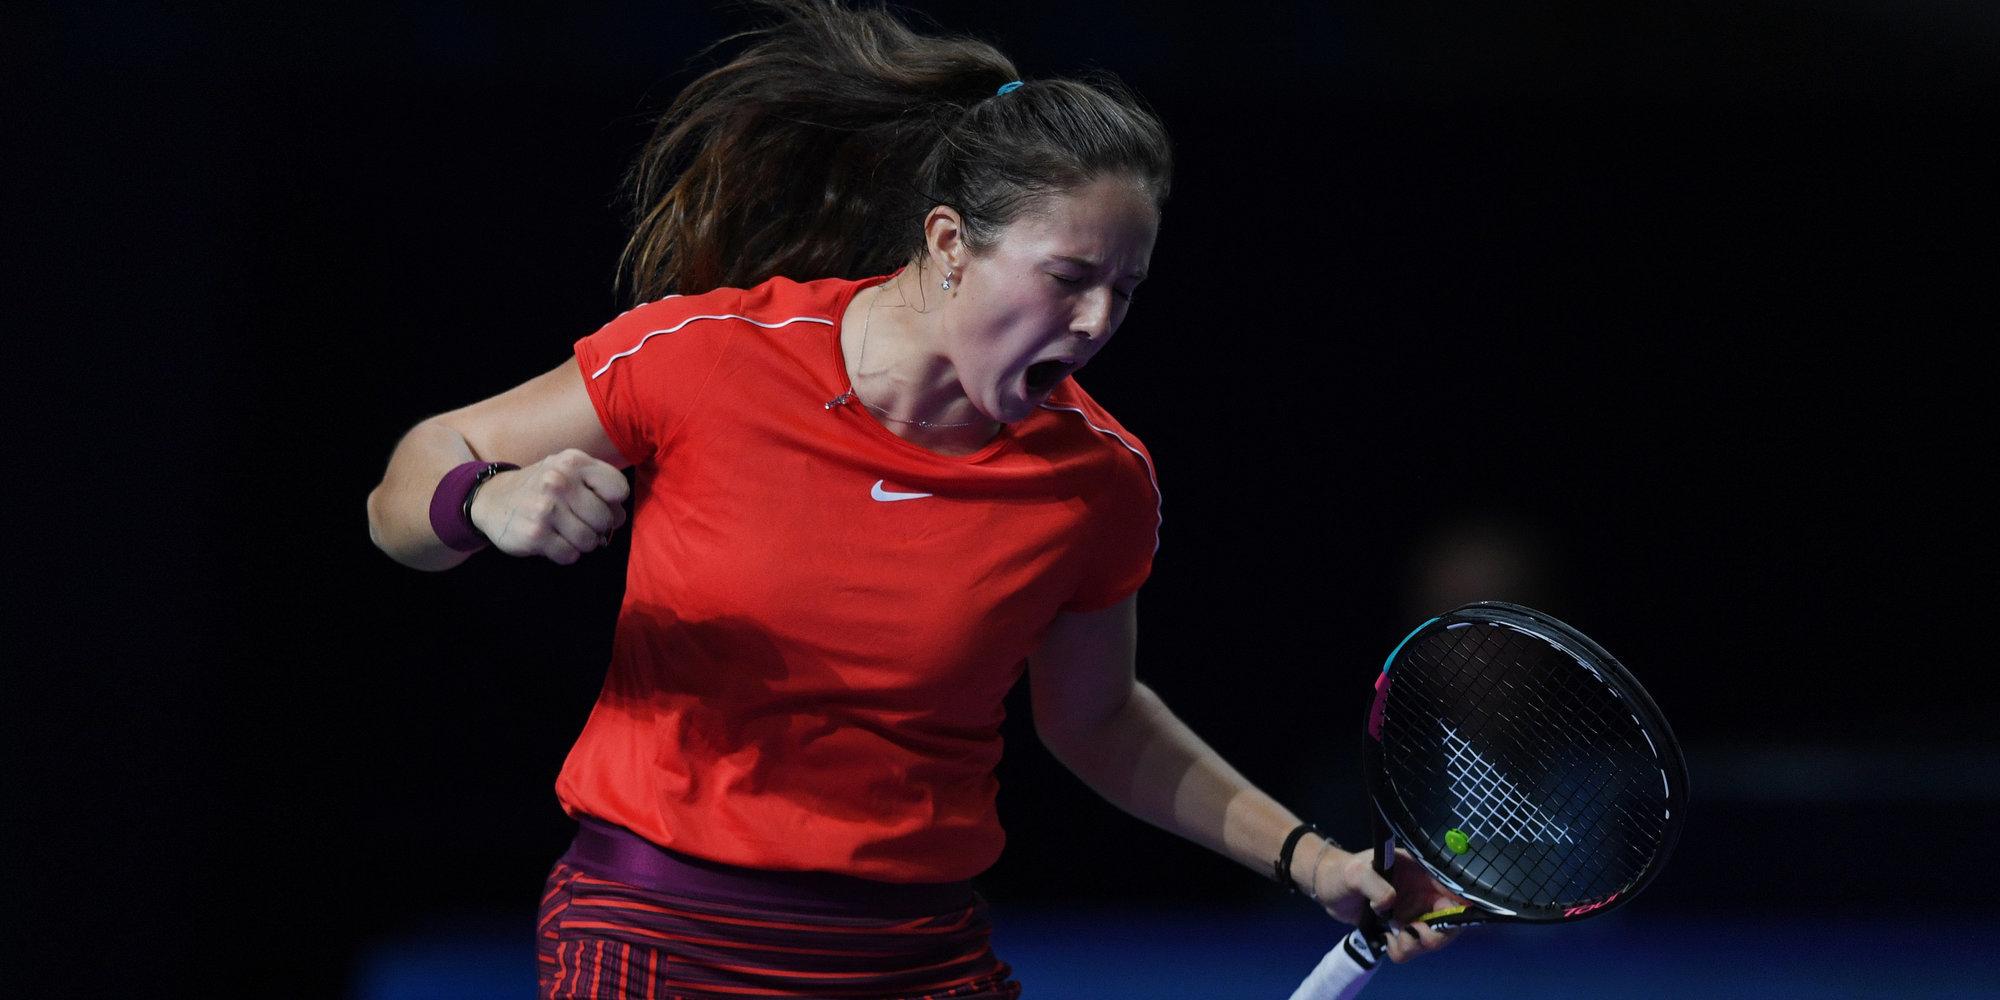 Касаткина уступила в первом круге турнира в Брисбене